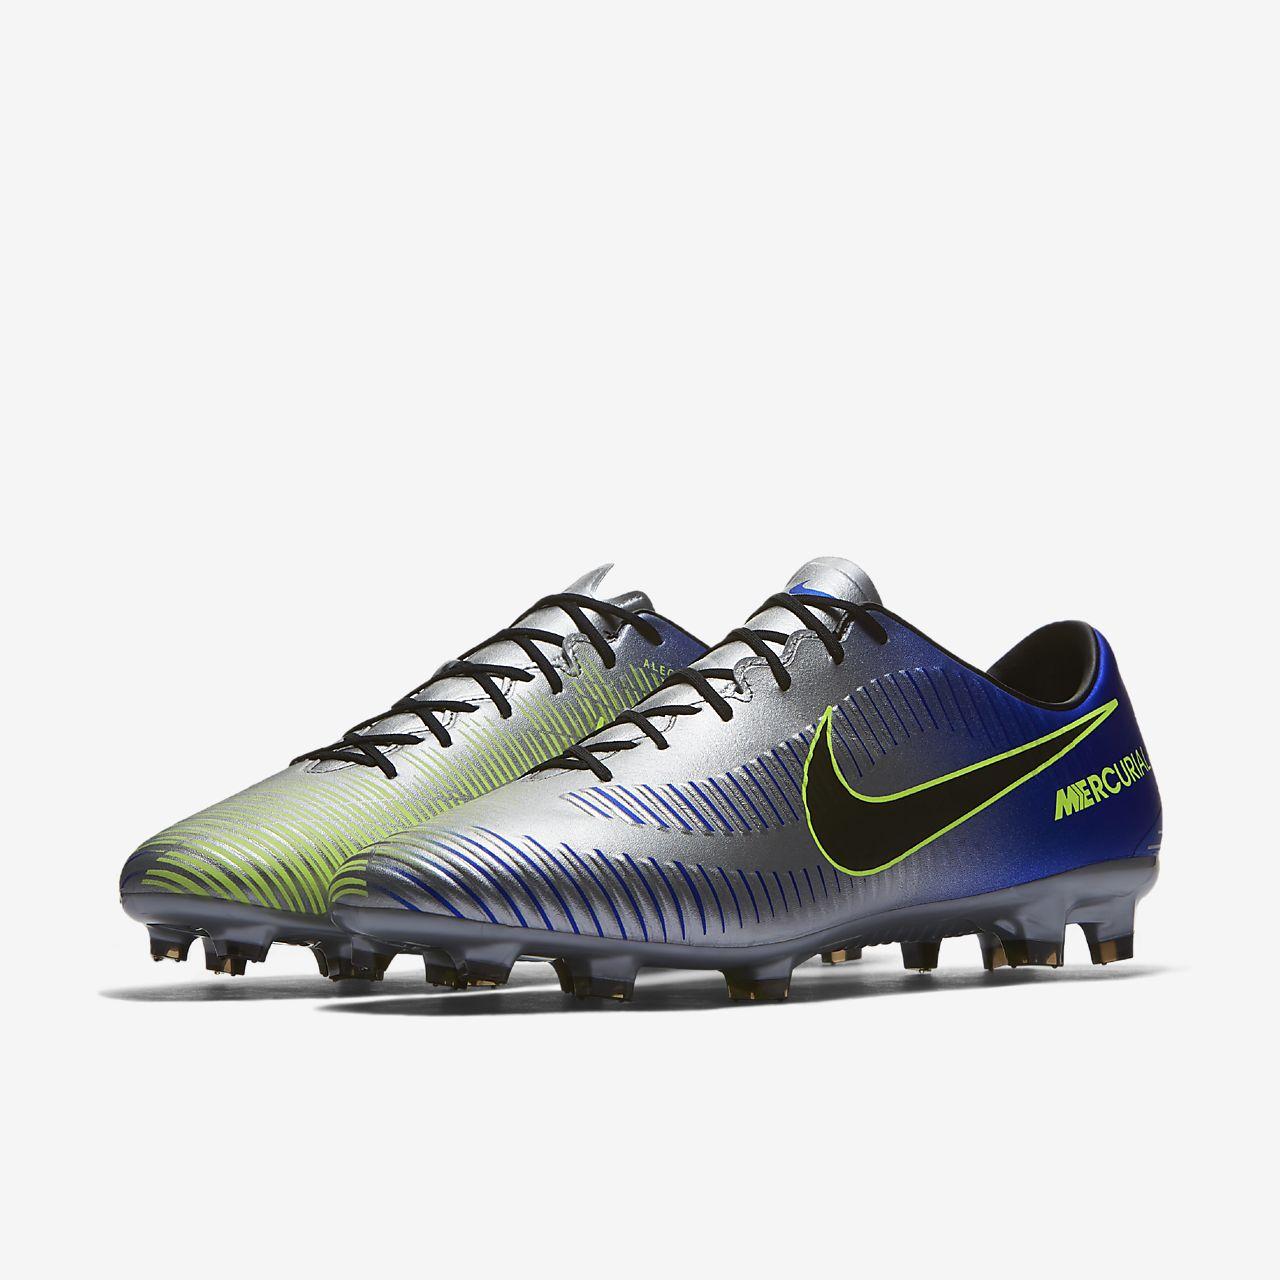 Nike Mercuriel Veloce Iii Football EjCfnXCTJq